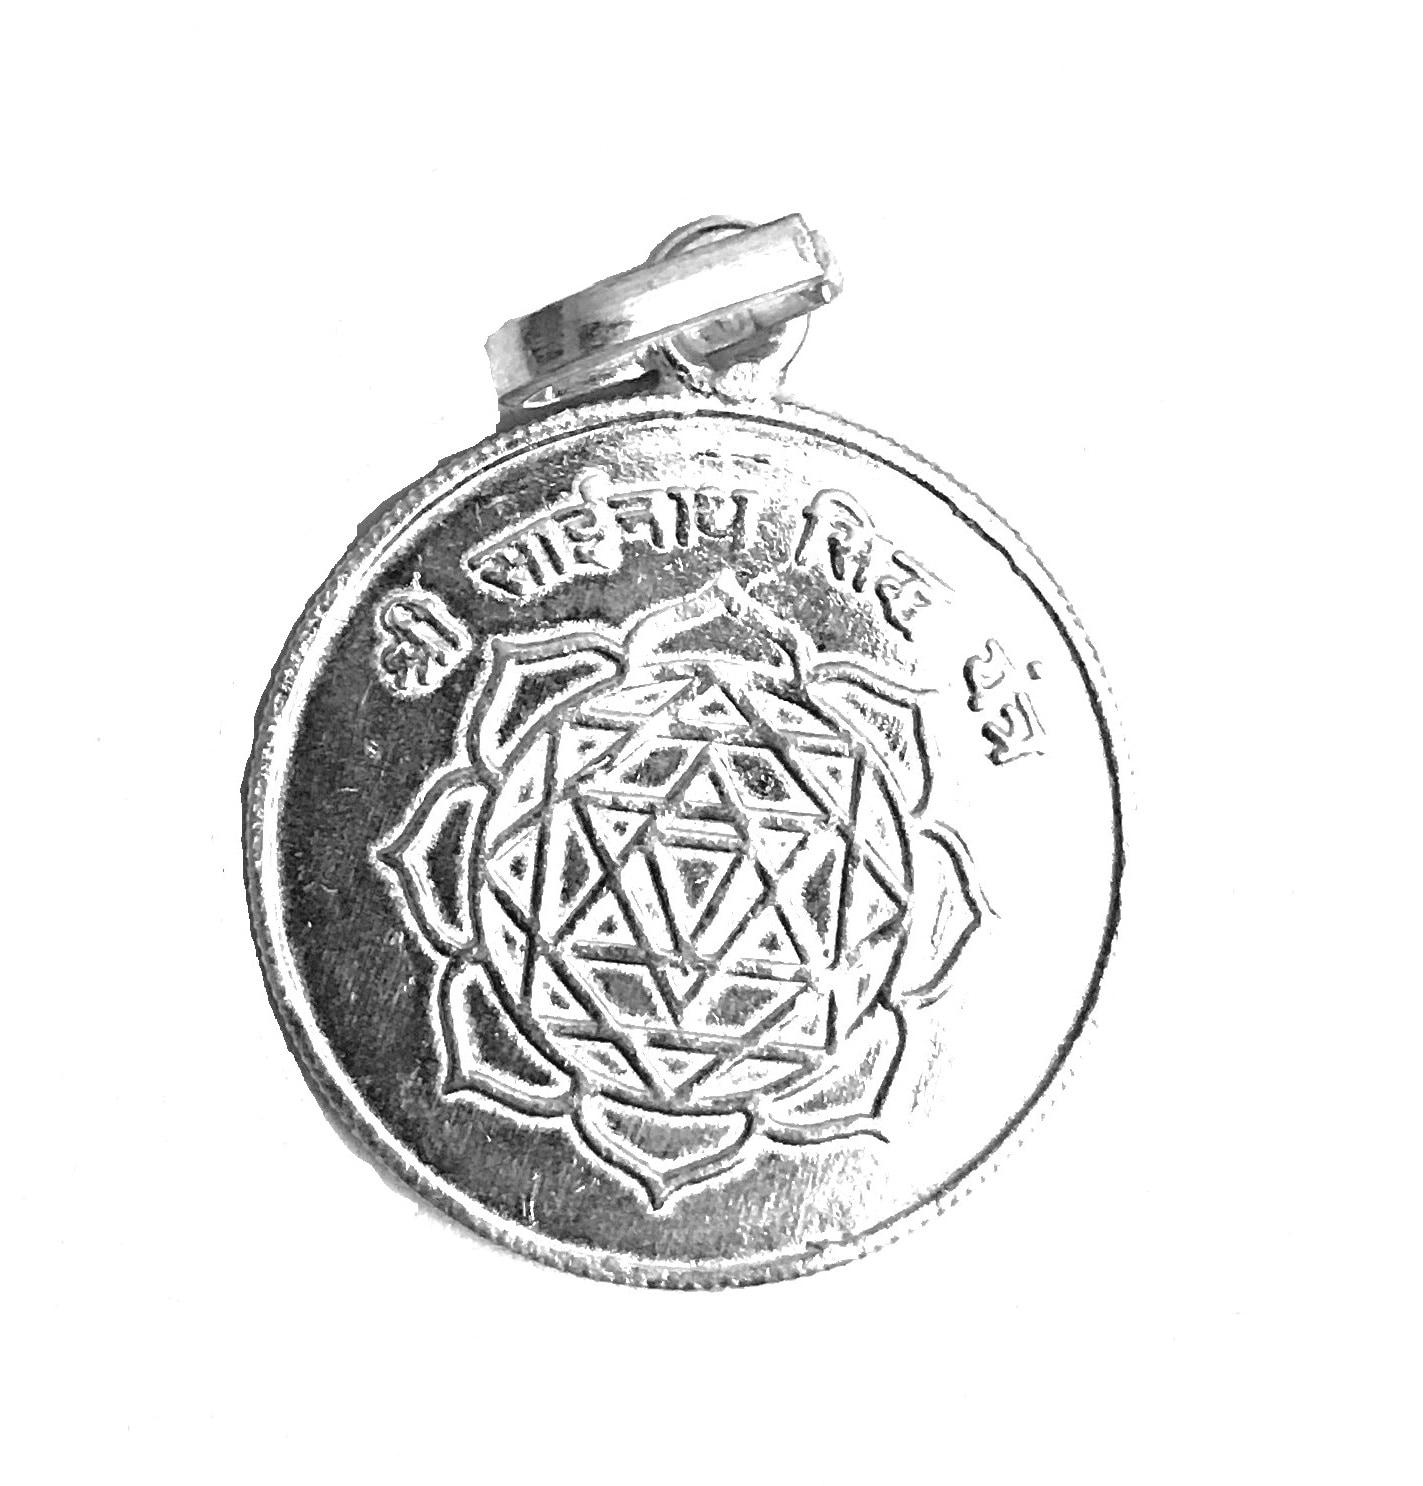 Numeroastro Shri Sai Baba Yantra Pendant In Pure Silver For Men & Women (5.5 Gms) (1 Pc)